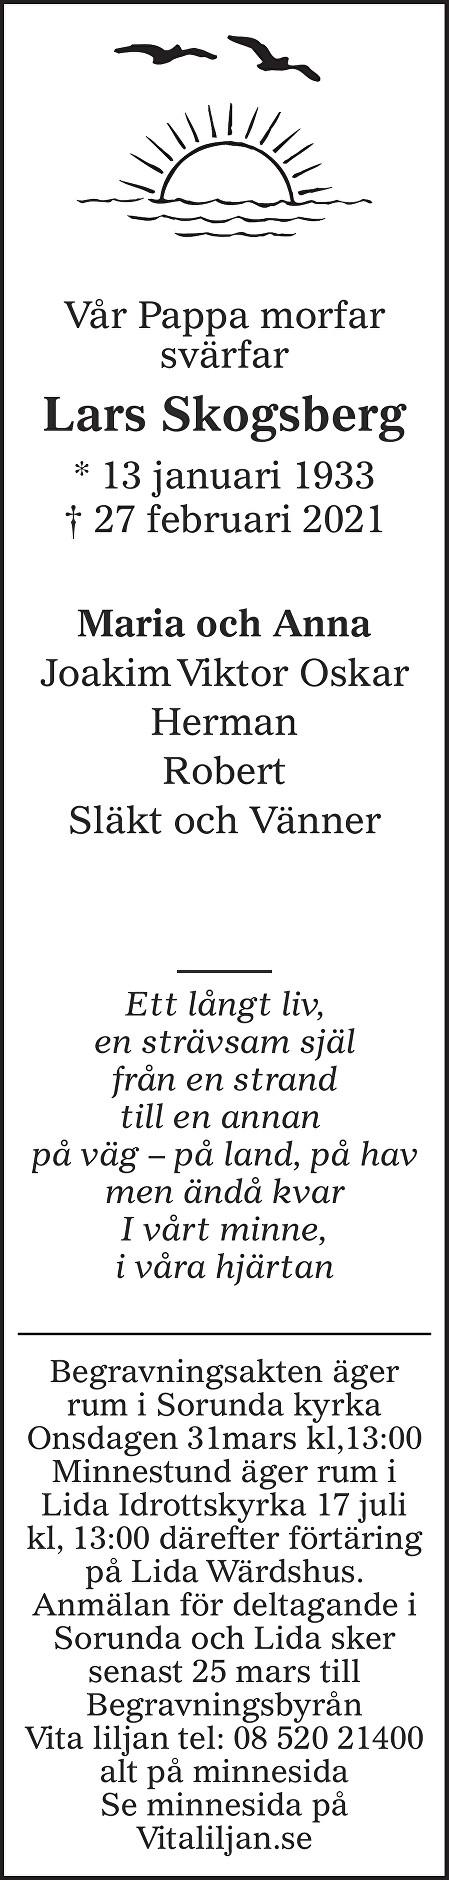 Lars Skogsberg Death notice